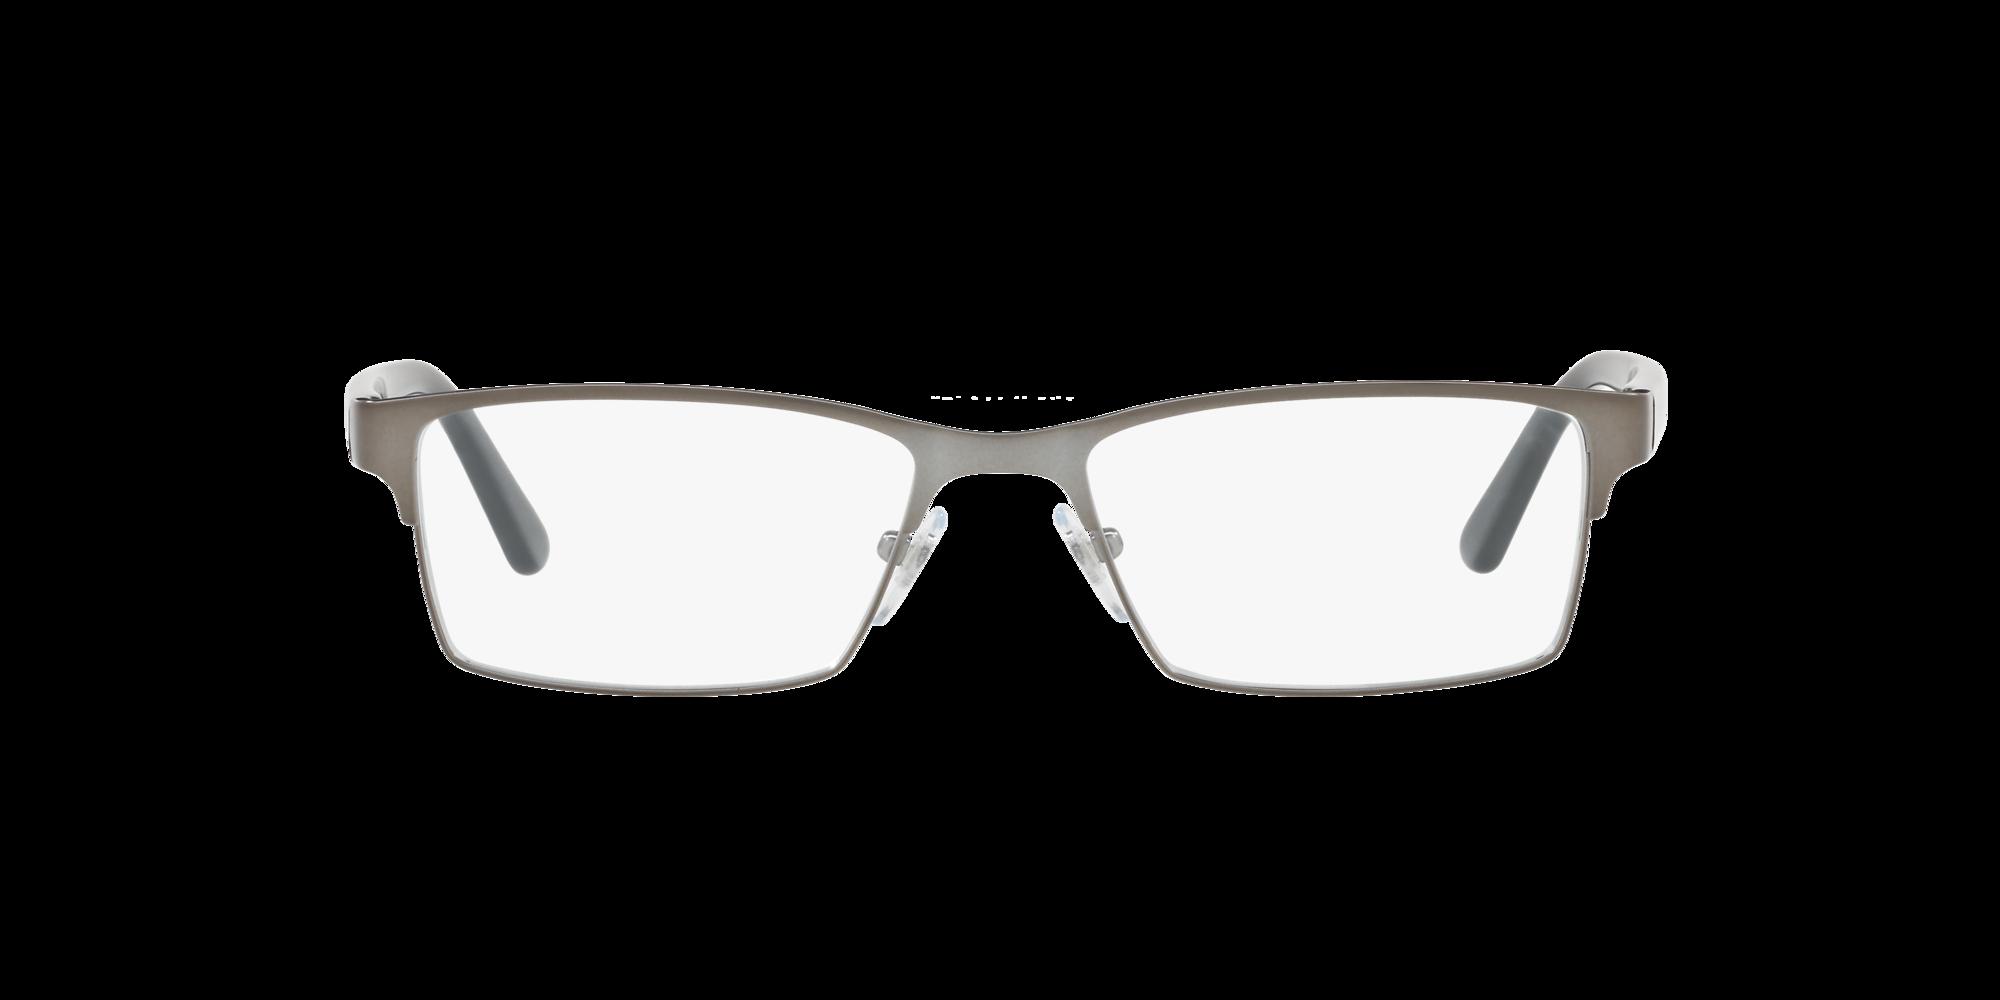 Imagen para SF2289 de LensCrafters    Espejuelos, espejuelos graduados en línea, gafas